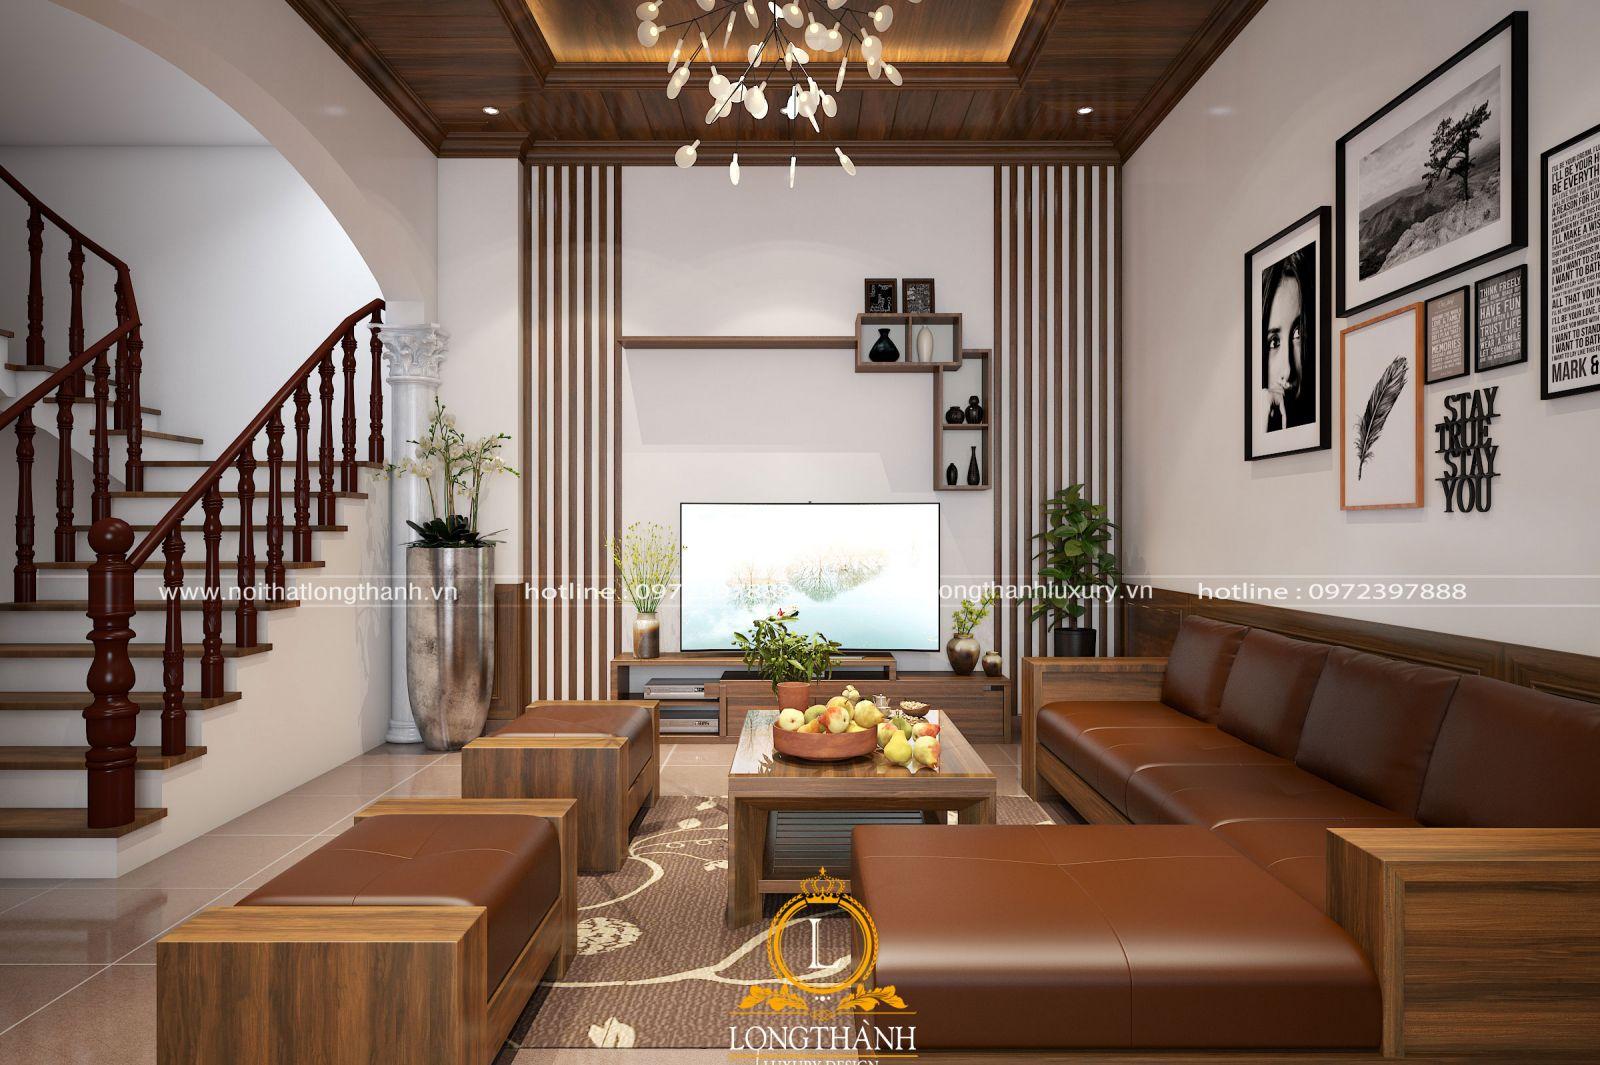 Phòng khách đẹp với phong cách hiện đại nhẹ nhàng